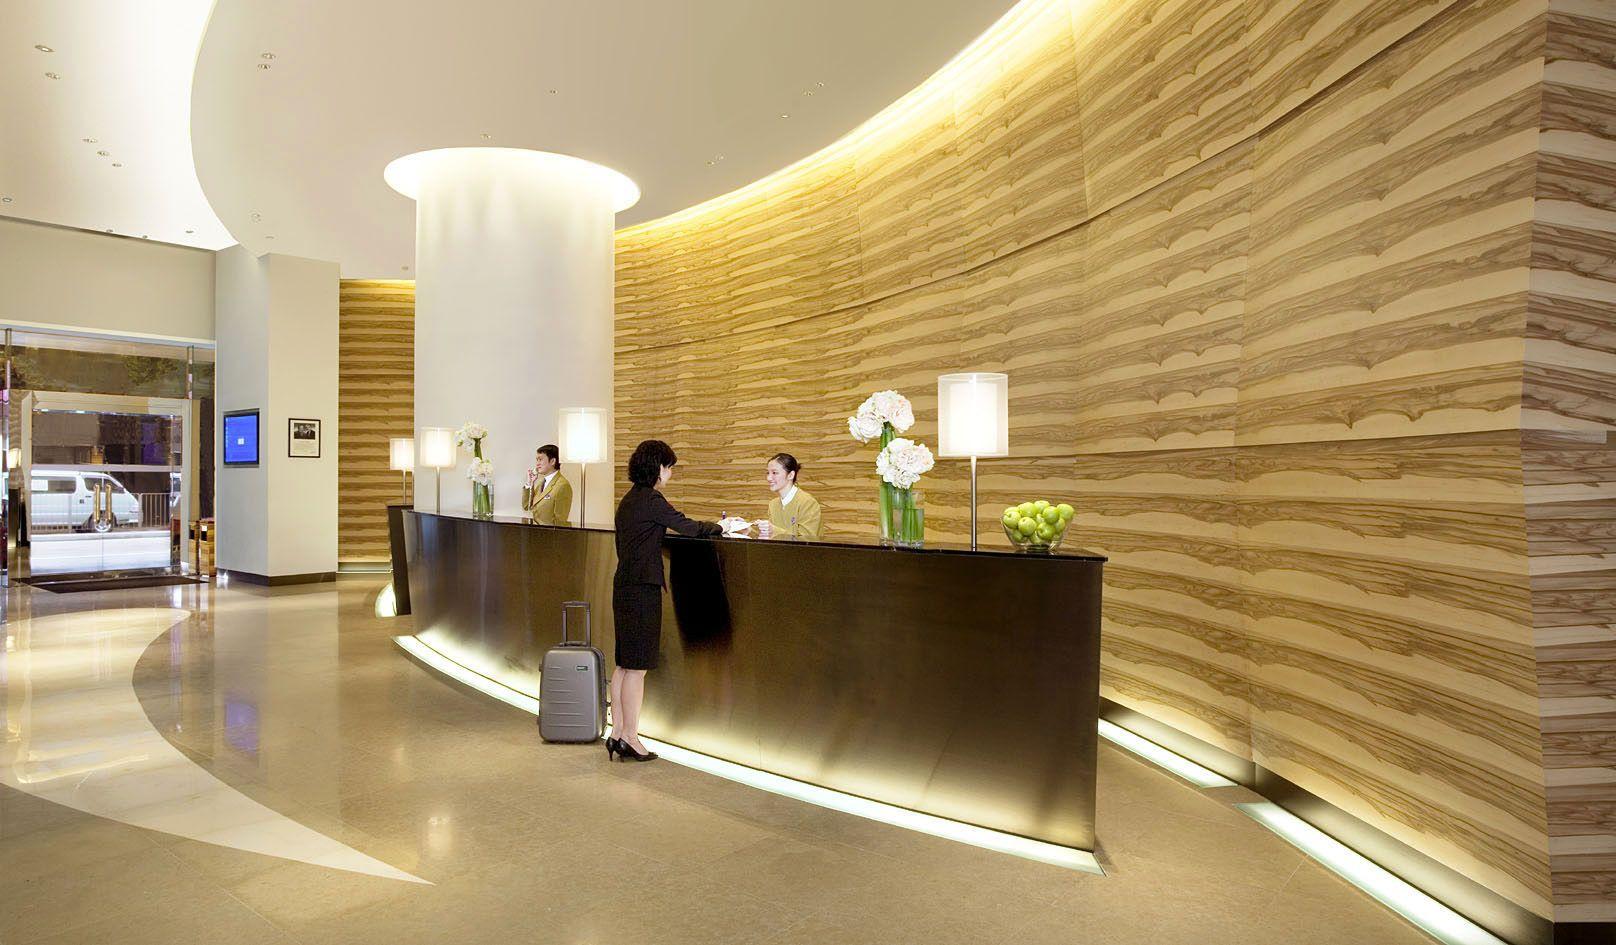 Hotels & Resorts: